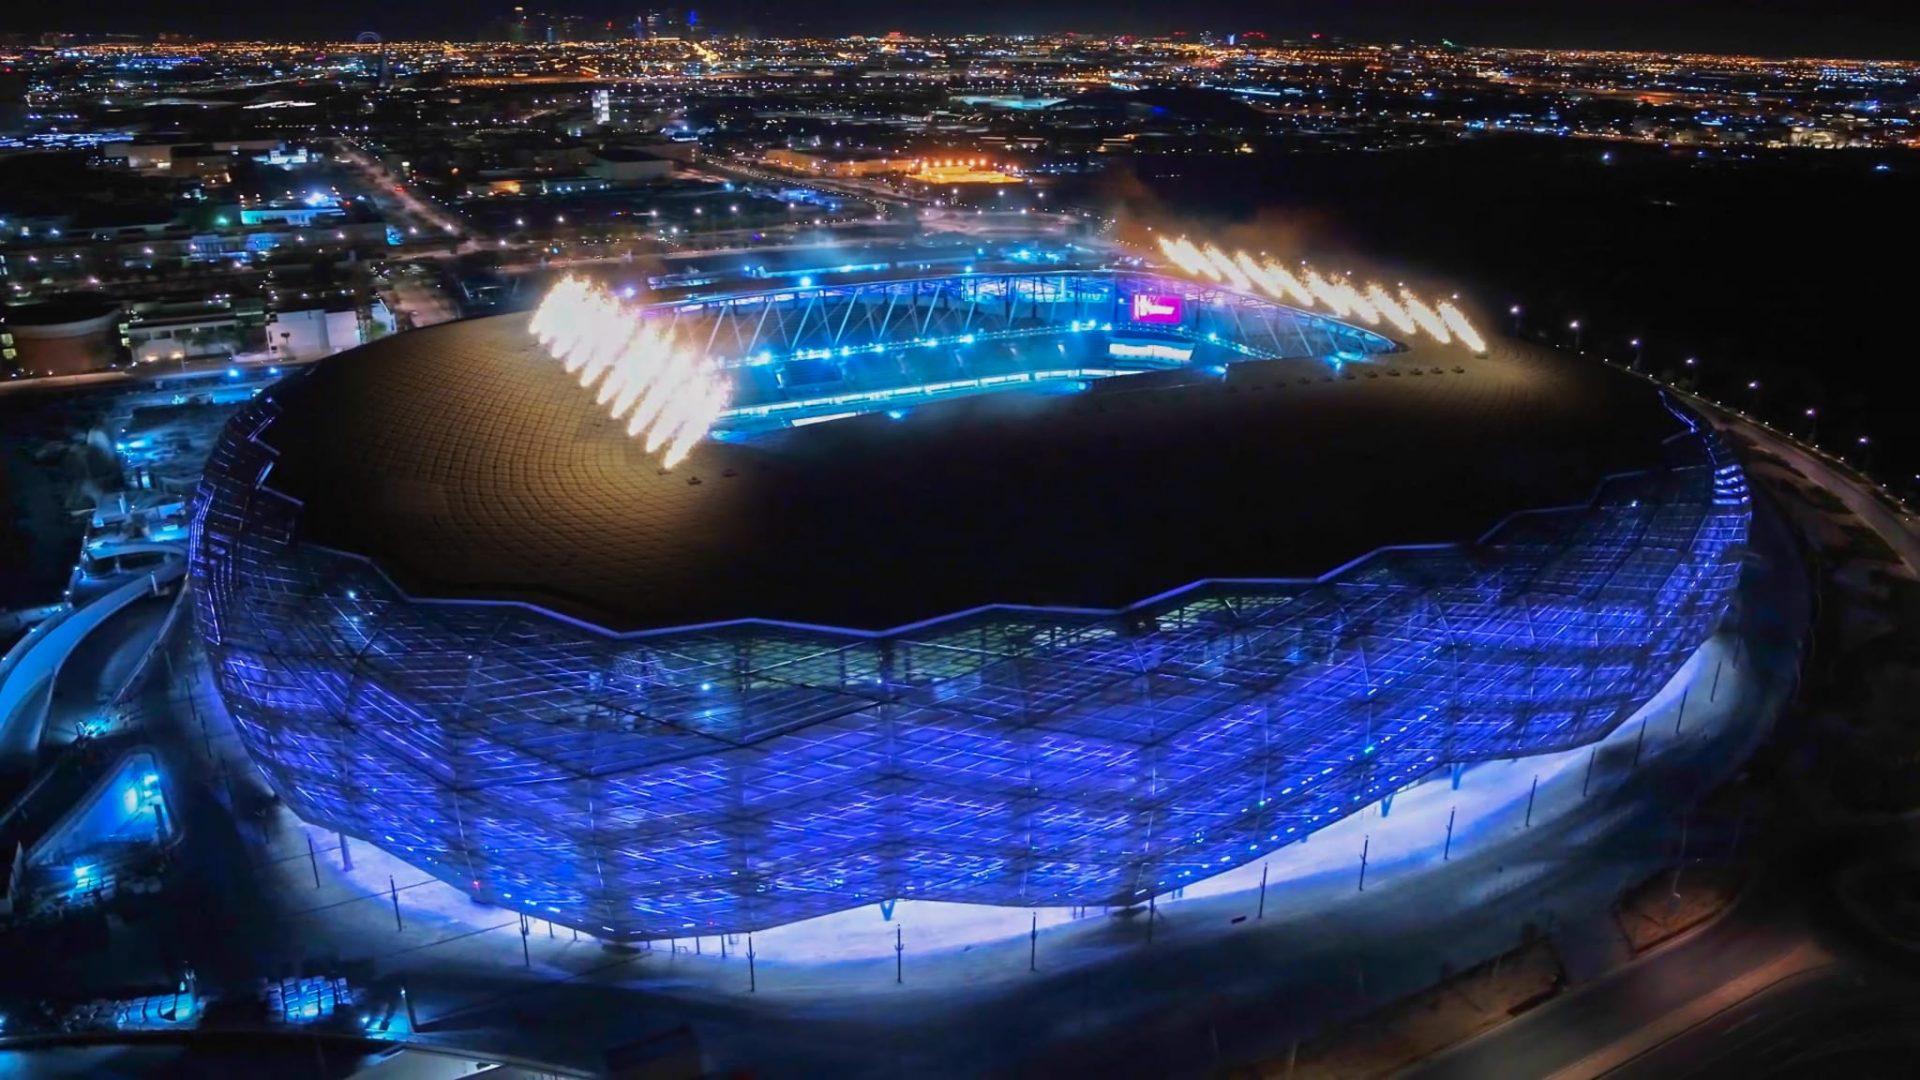 Vista aérea do Education City Stadium